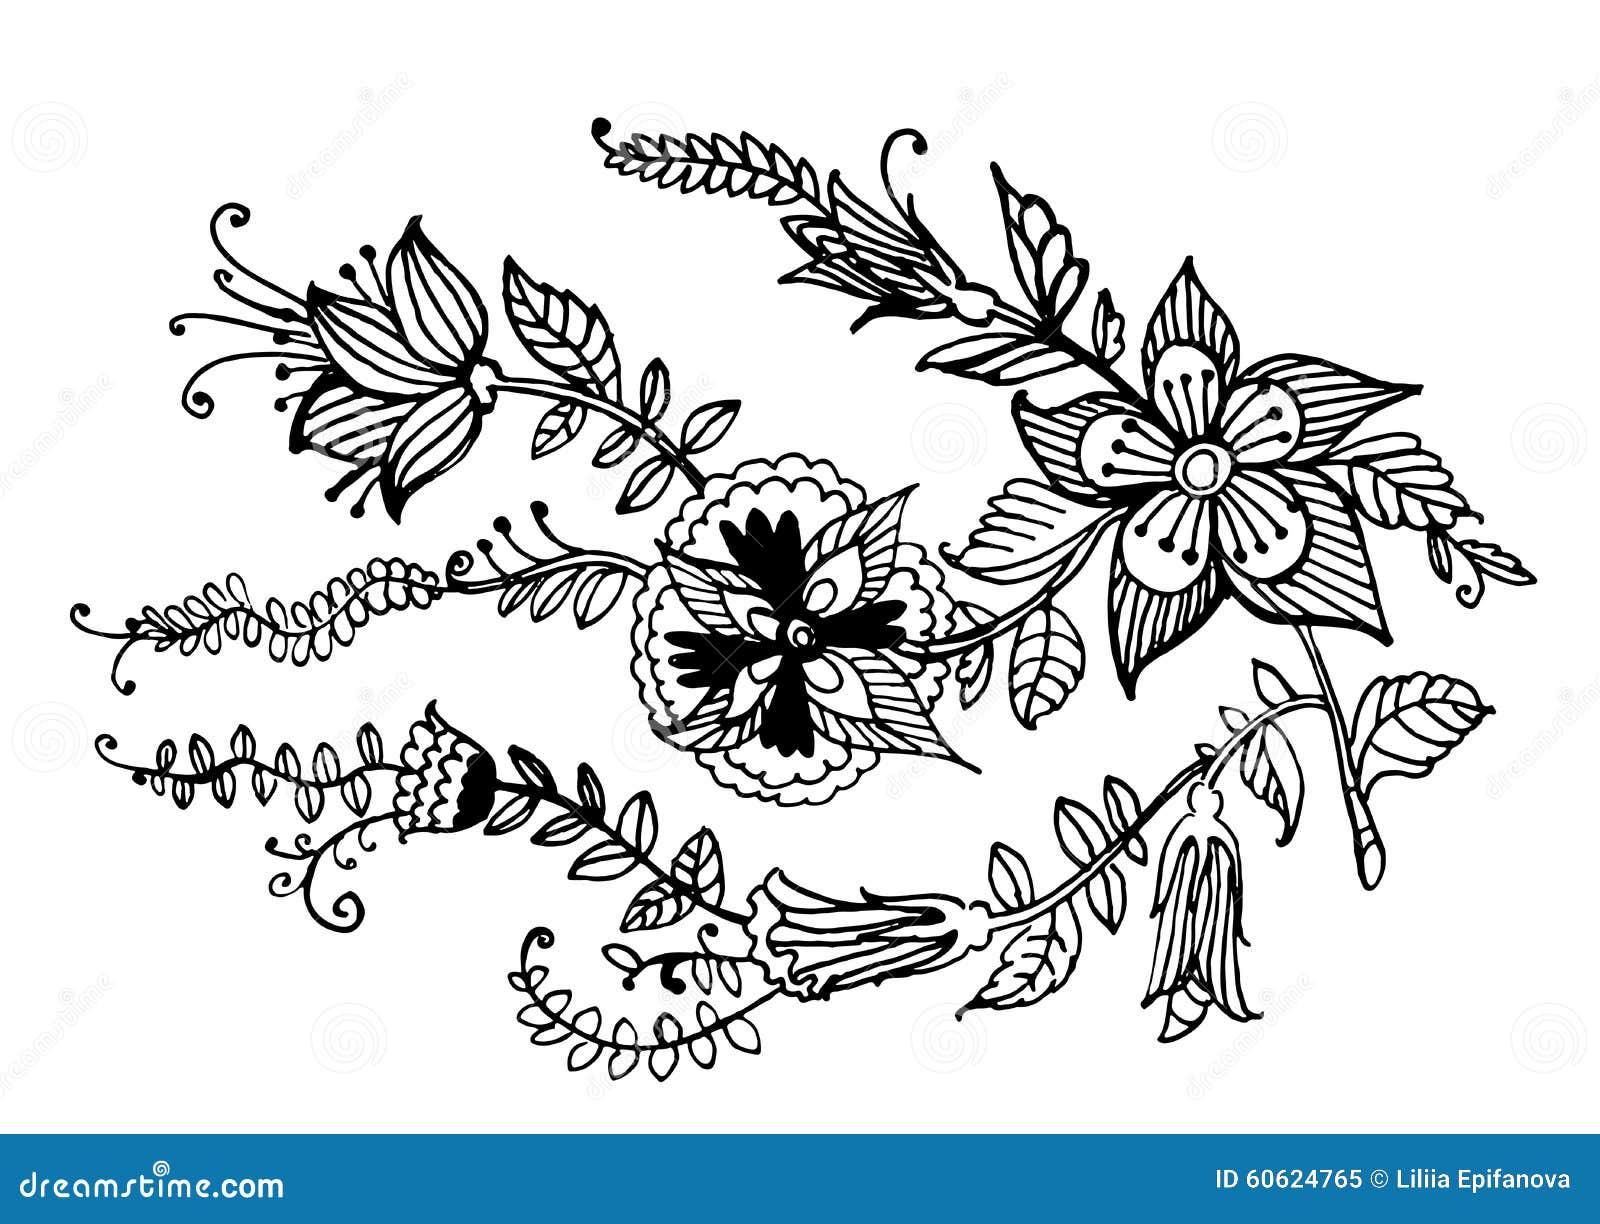 De decoratieve slinger van bloemen inkt grafische illustratie